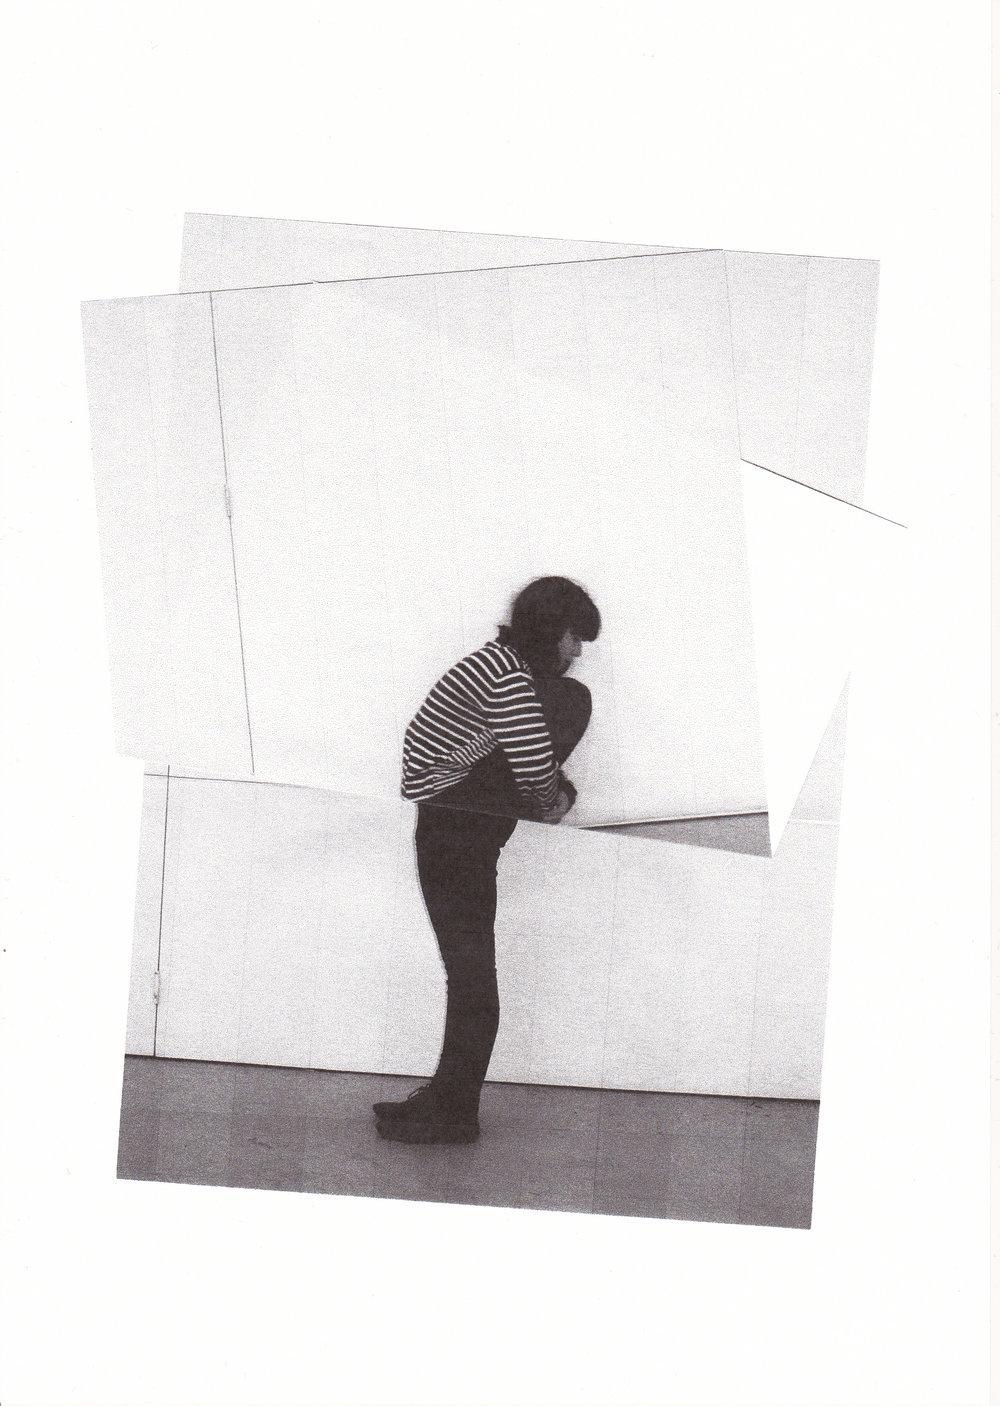 Posture (2013)